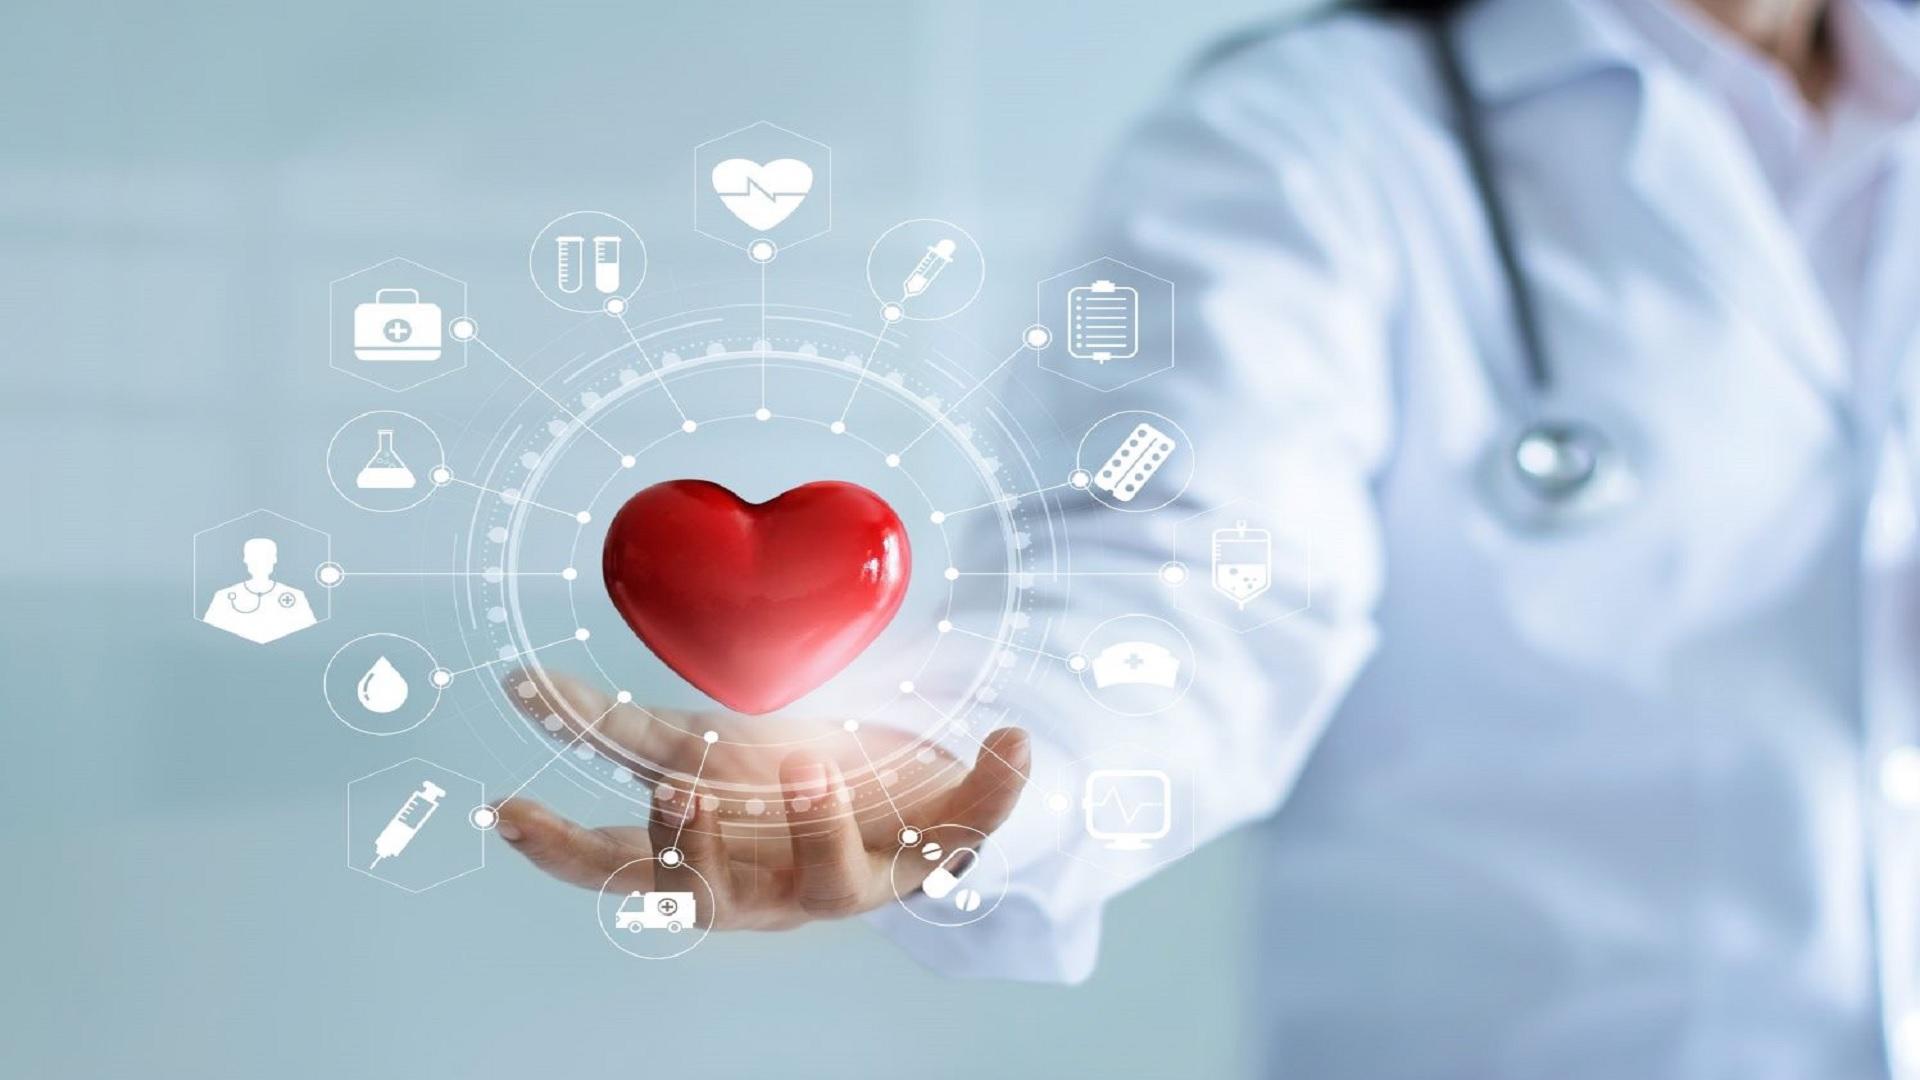 Πρόληψη καρδιαγγειακών νοσημάτων – 15 superfoods για καλύτερη καρδιαγγειακό σύστημα